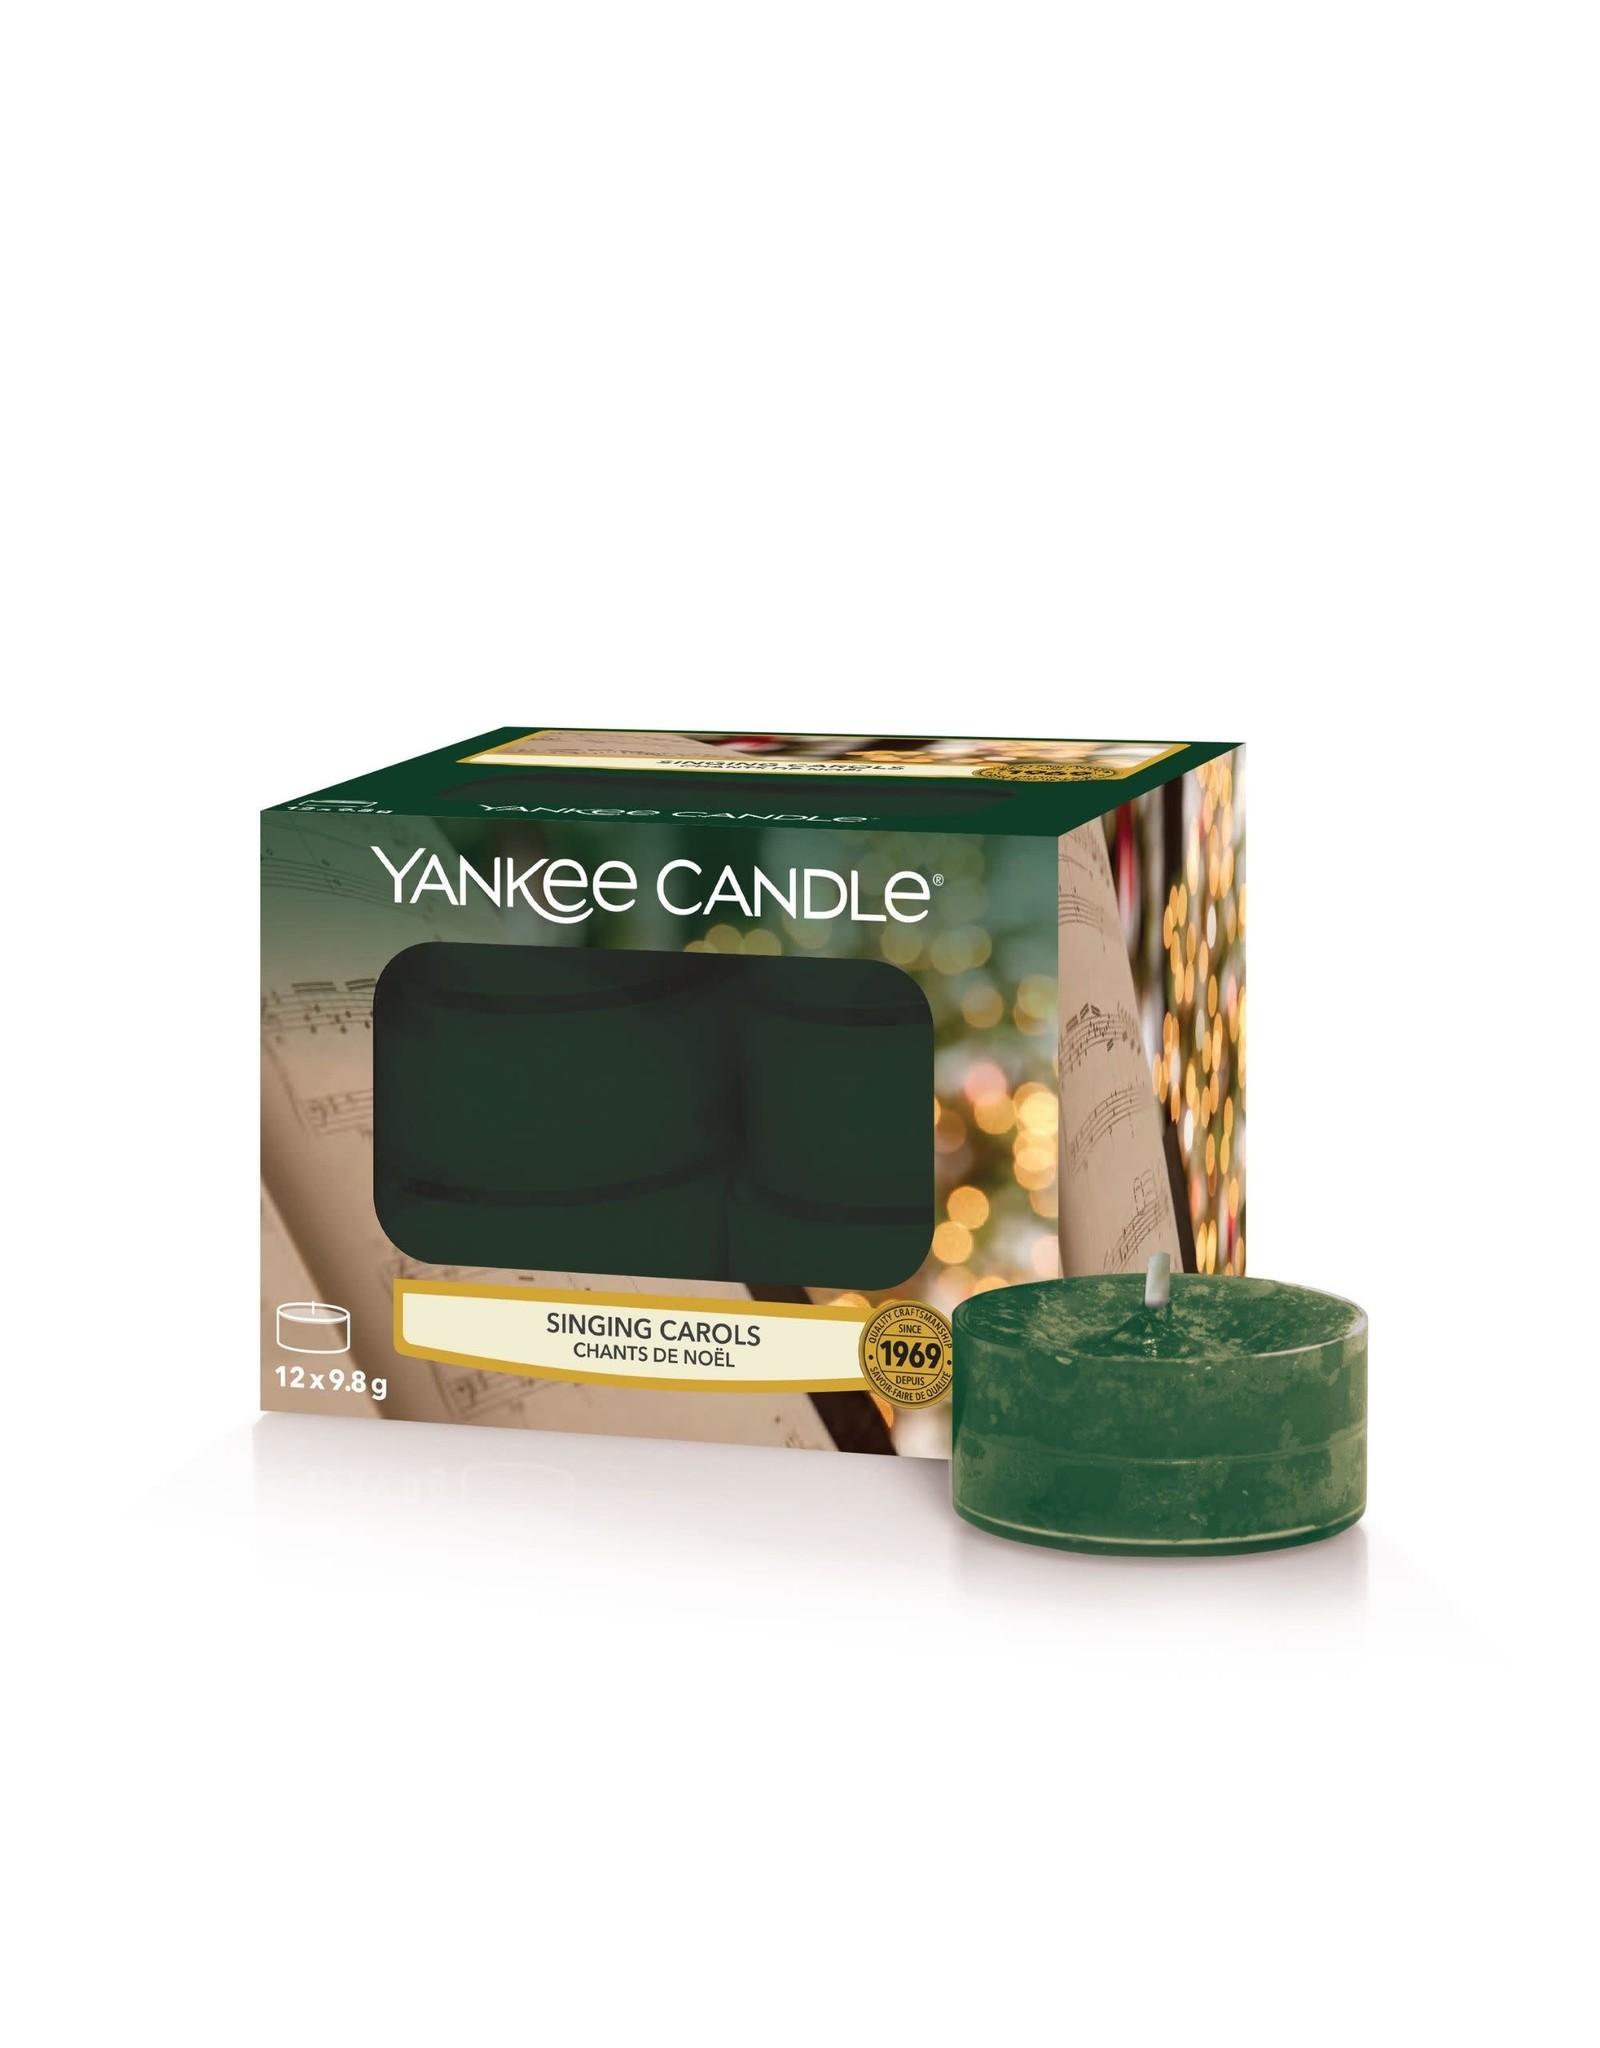 Yankee Candle Singing Carols - Tea Lights